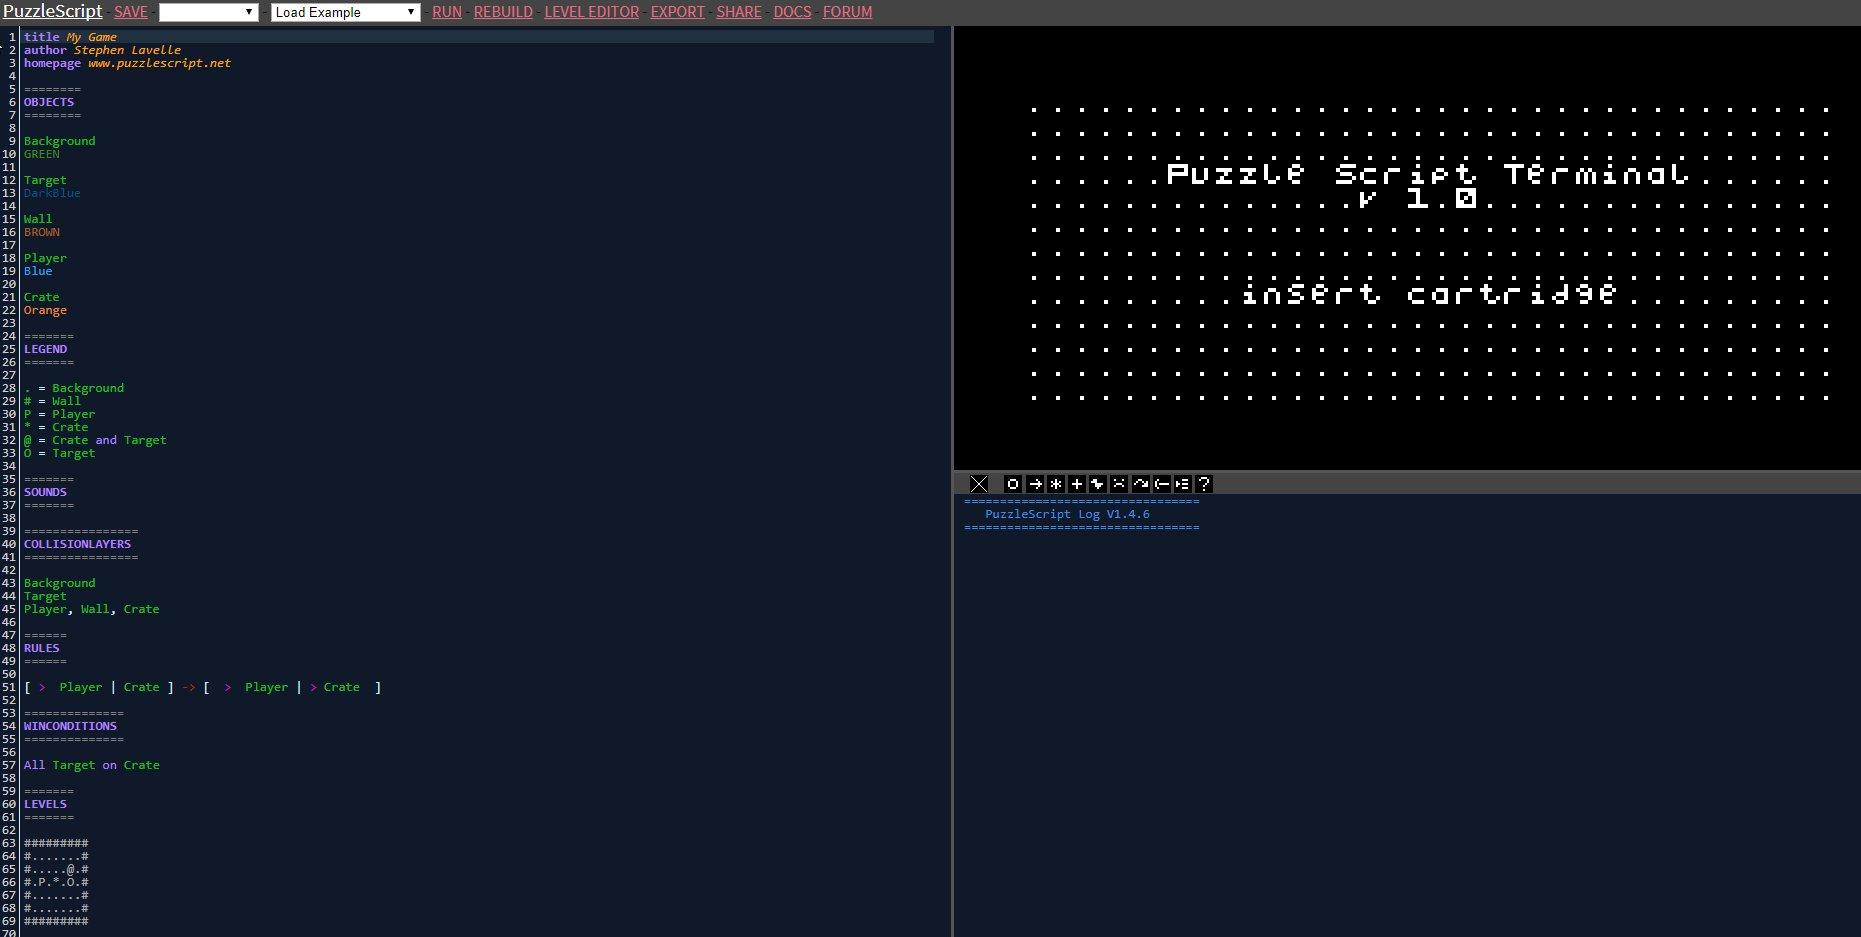 Screenshot de PuzzleScript